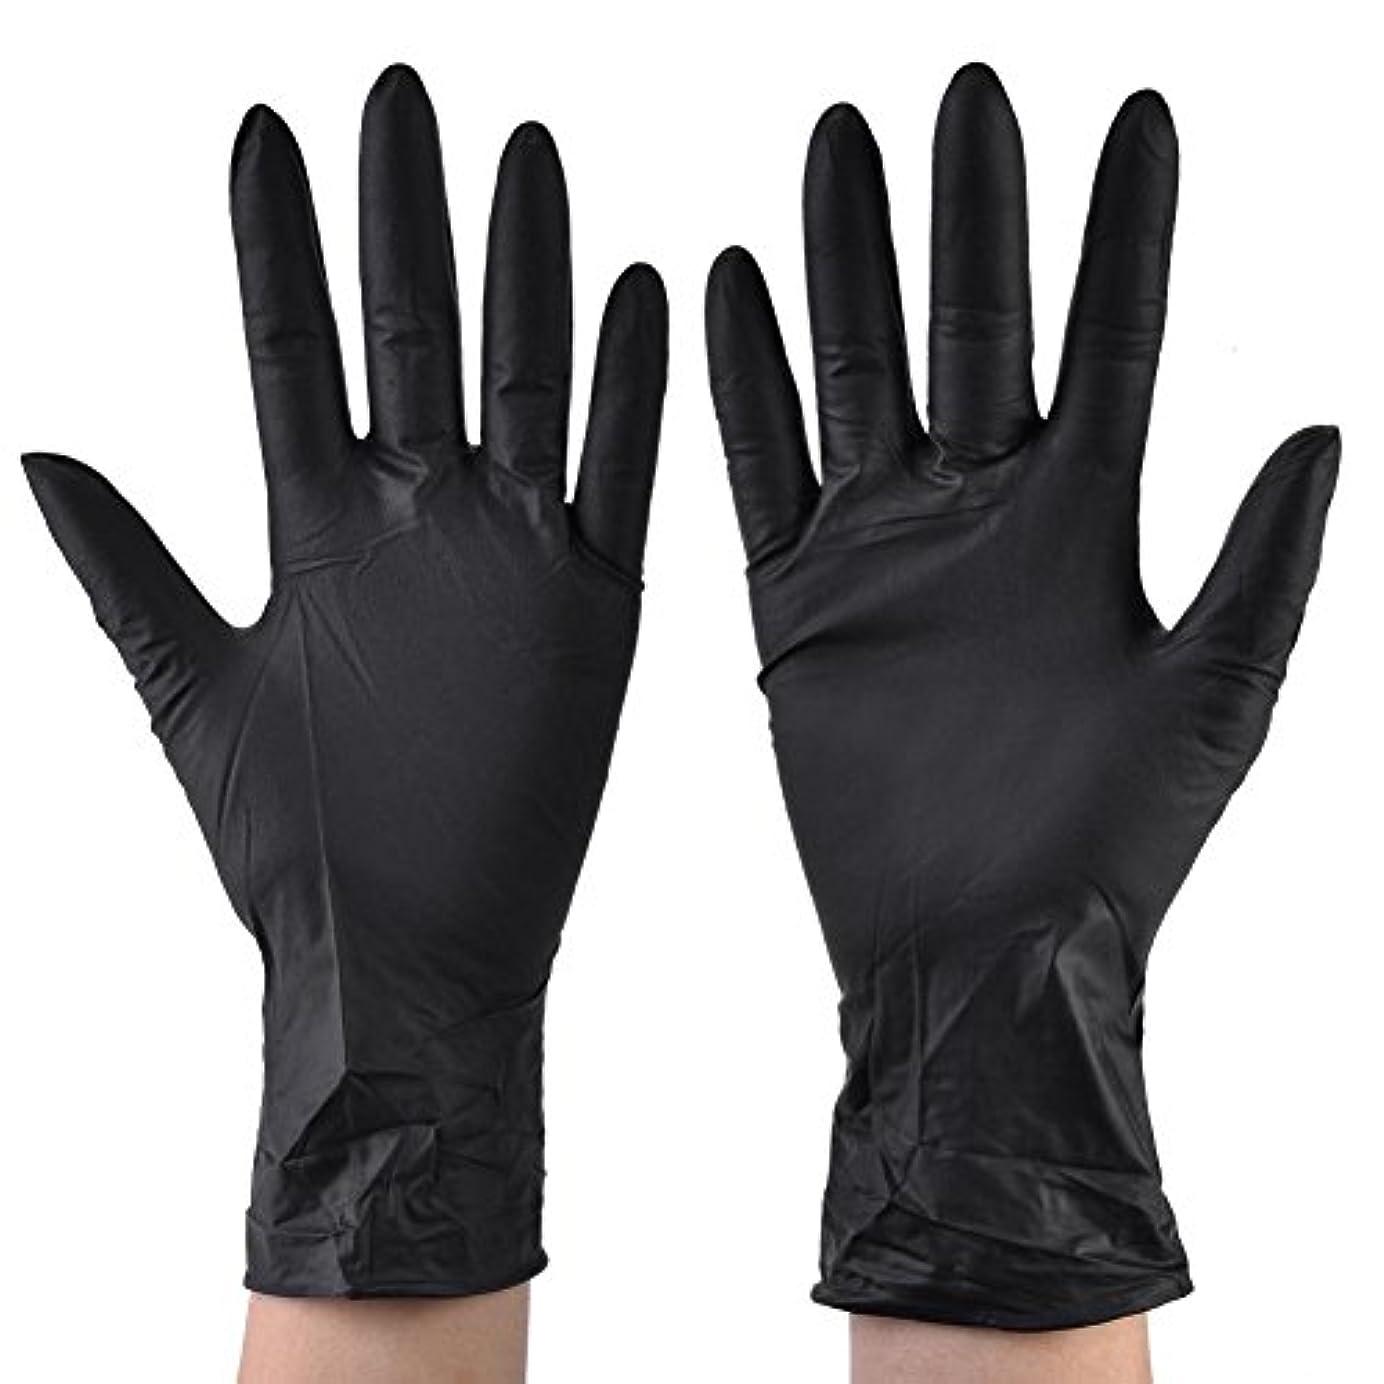 ひばり整然とした裁判所100pcs使い捨てニトリル手袋医療グレードラテックスフリーパウダーフリーブラックラージミディアムスモールインダストリアル、医療、美容、健康(M)